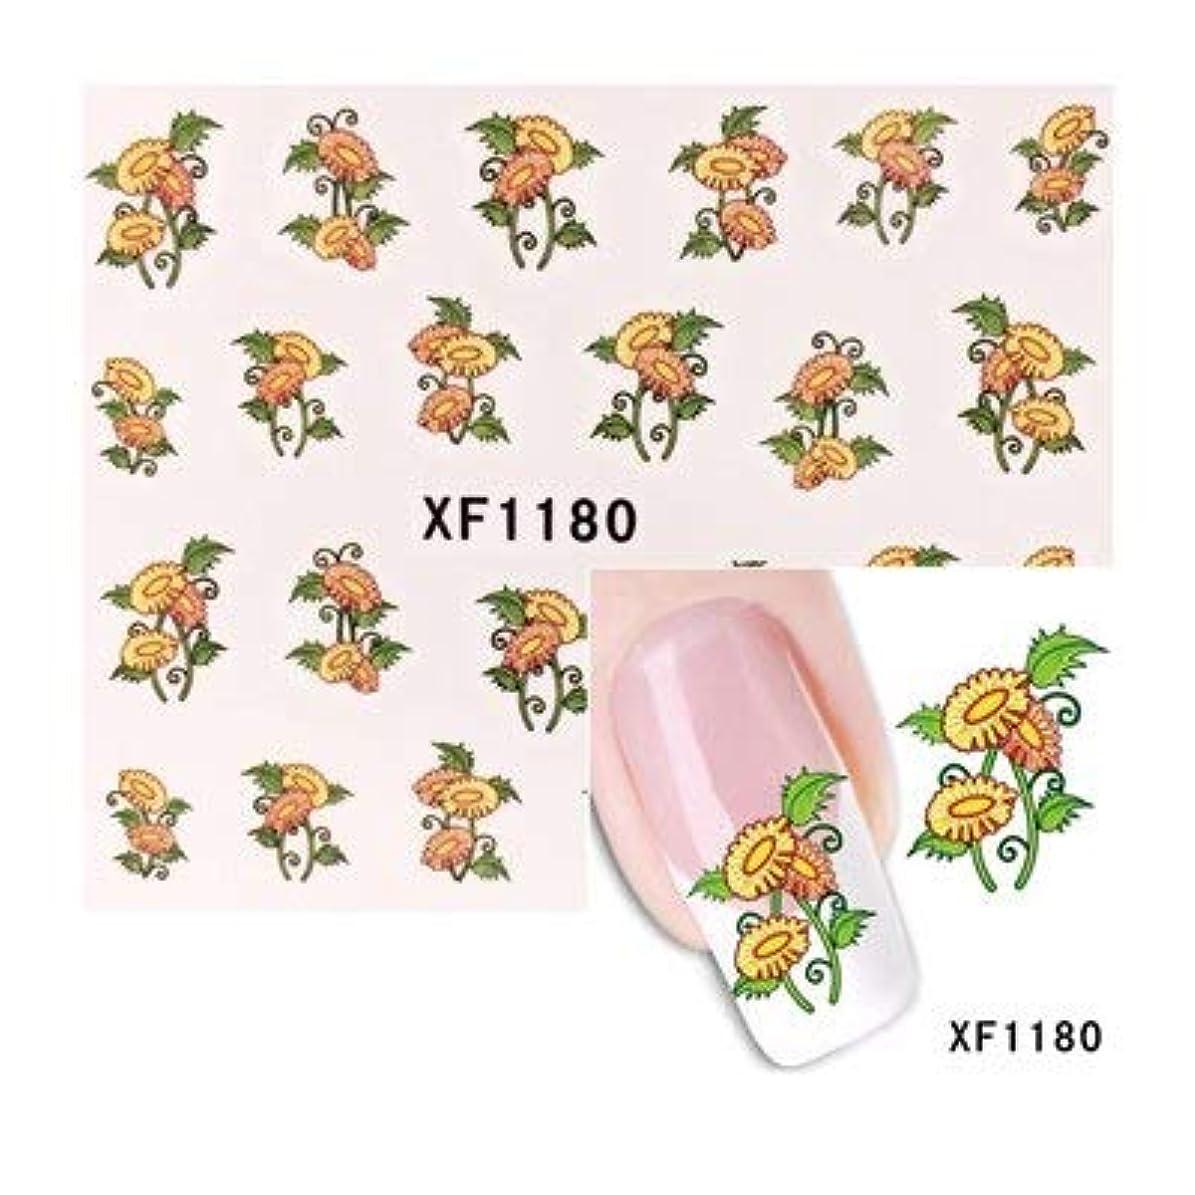 メイドつぶすばかげているSUKTI&XIAO ネイルステッカー 1シートネイル水転写ネイルアートステッカー花デザインネイルラップステッカーのヒントマニキュアネイル用品デカール